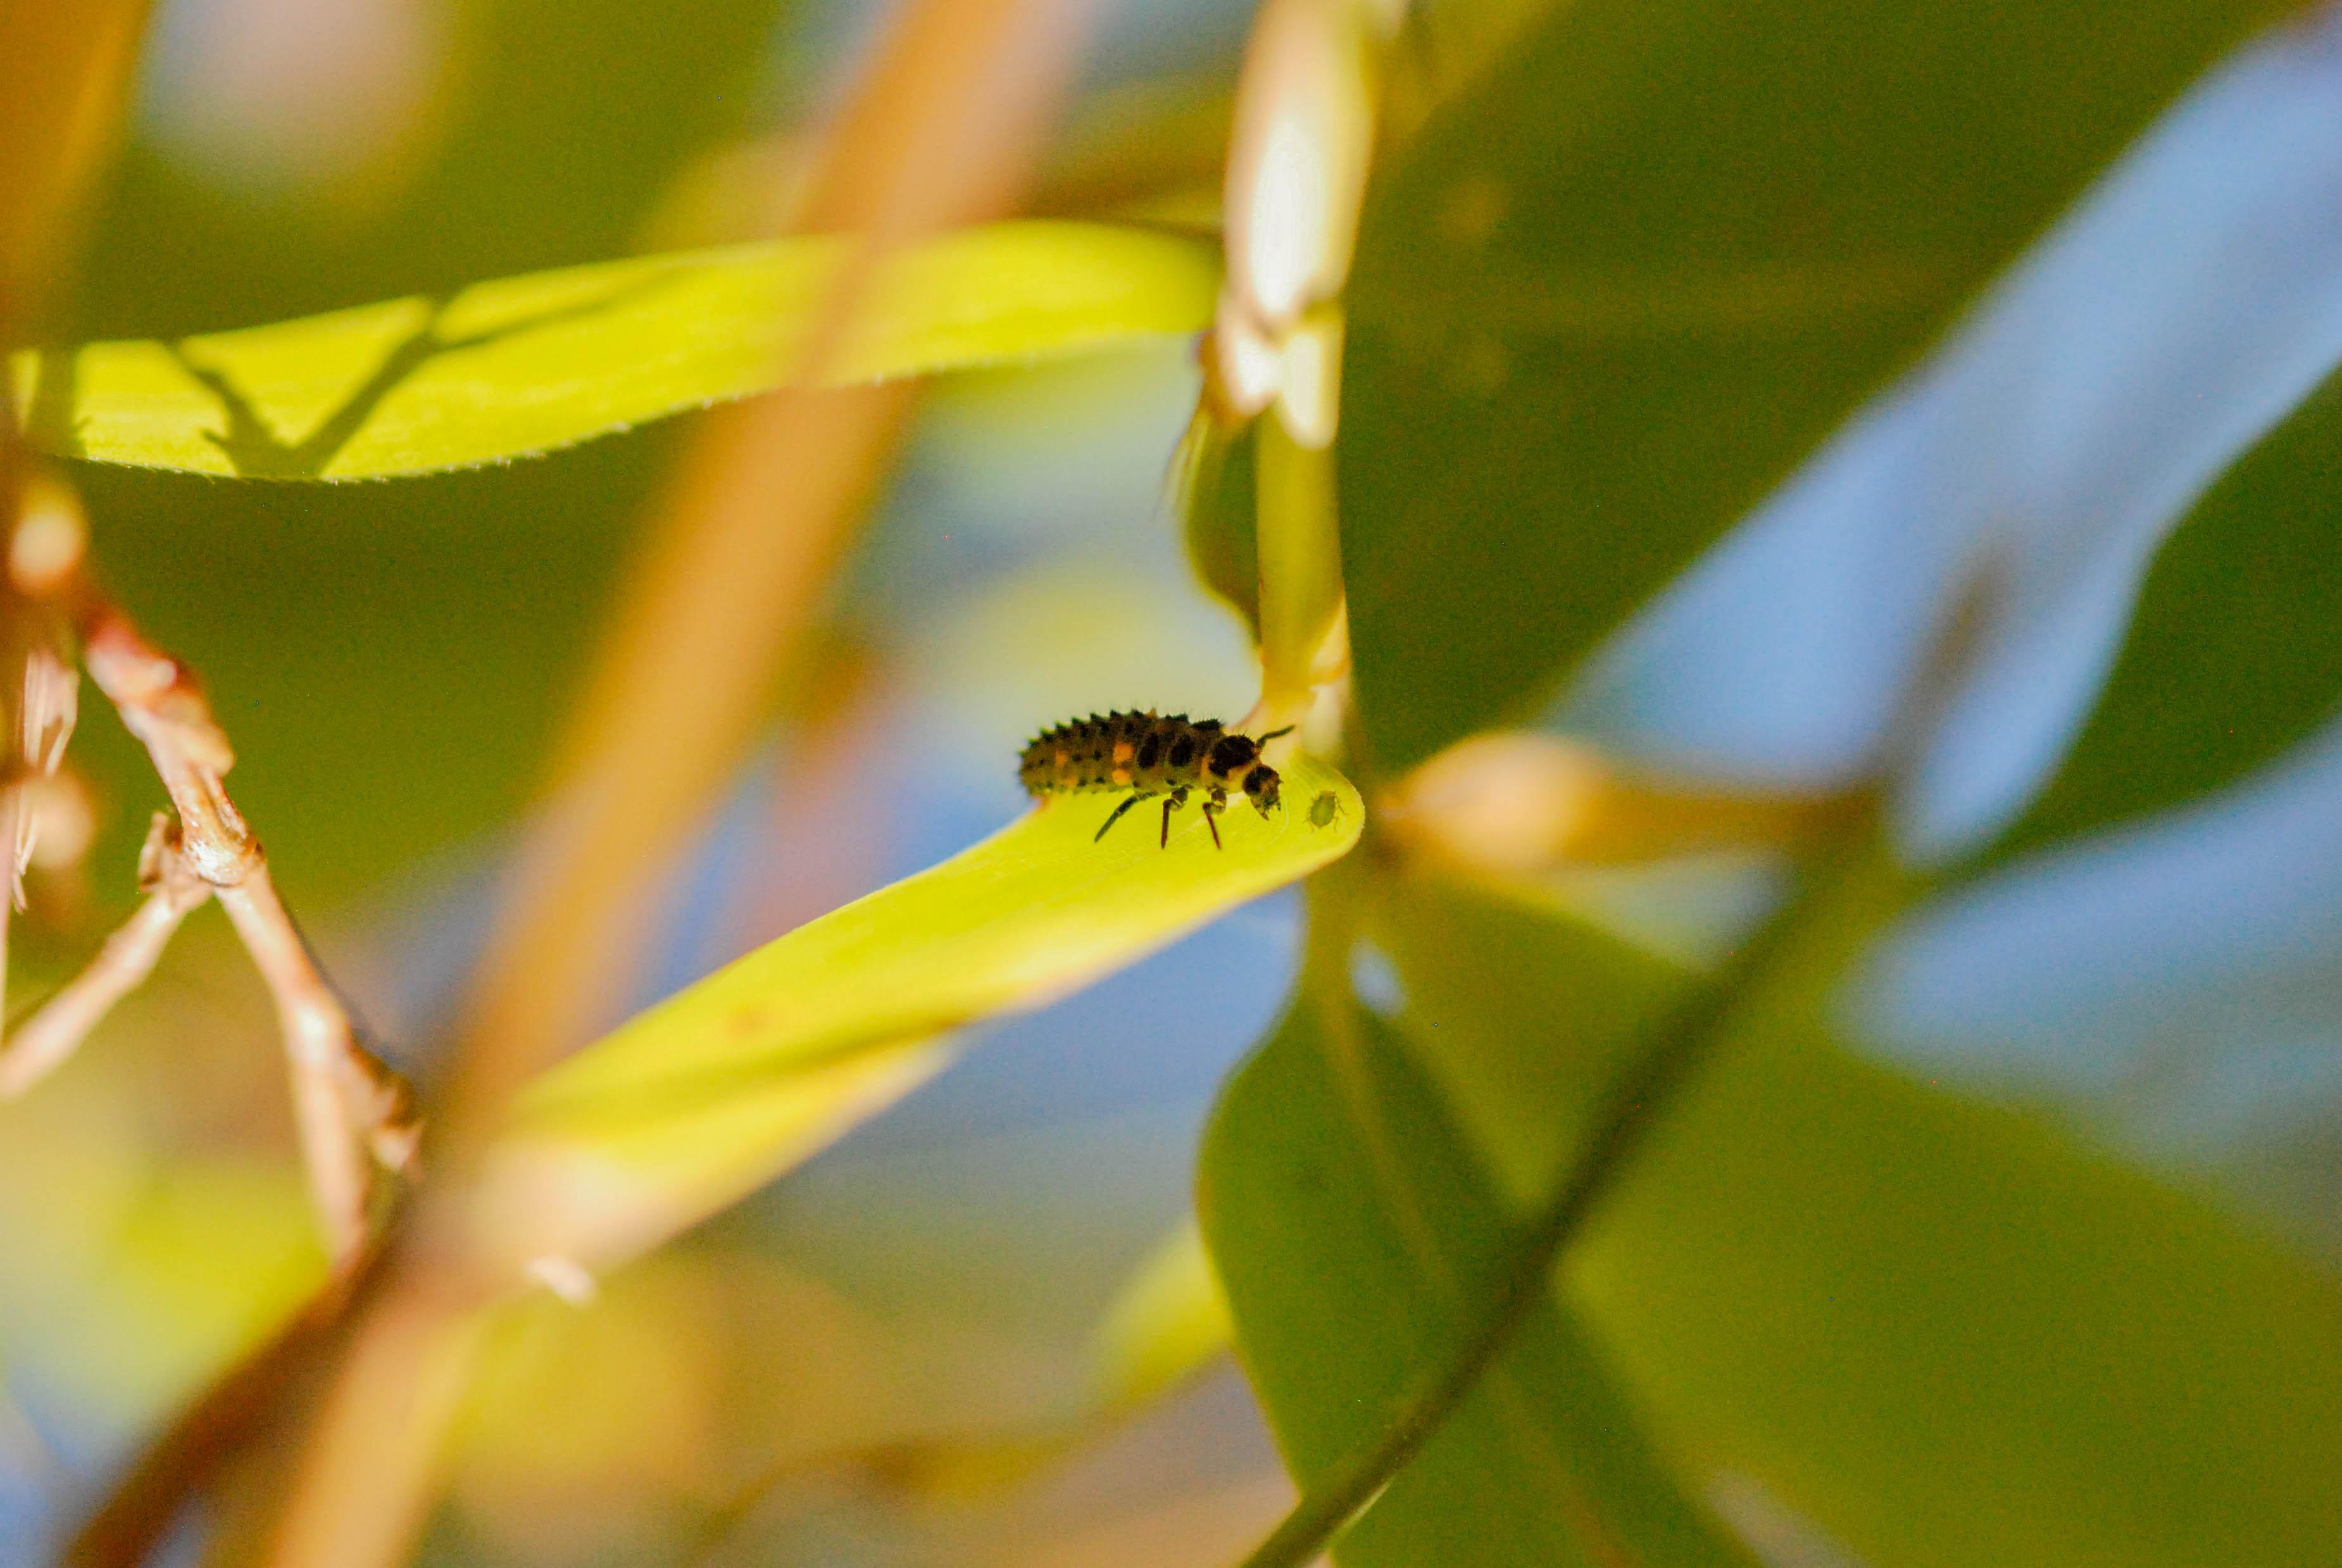 La beaut des larves je m 39 attarde - Larve de coccinelle ...